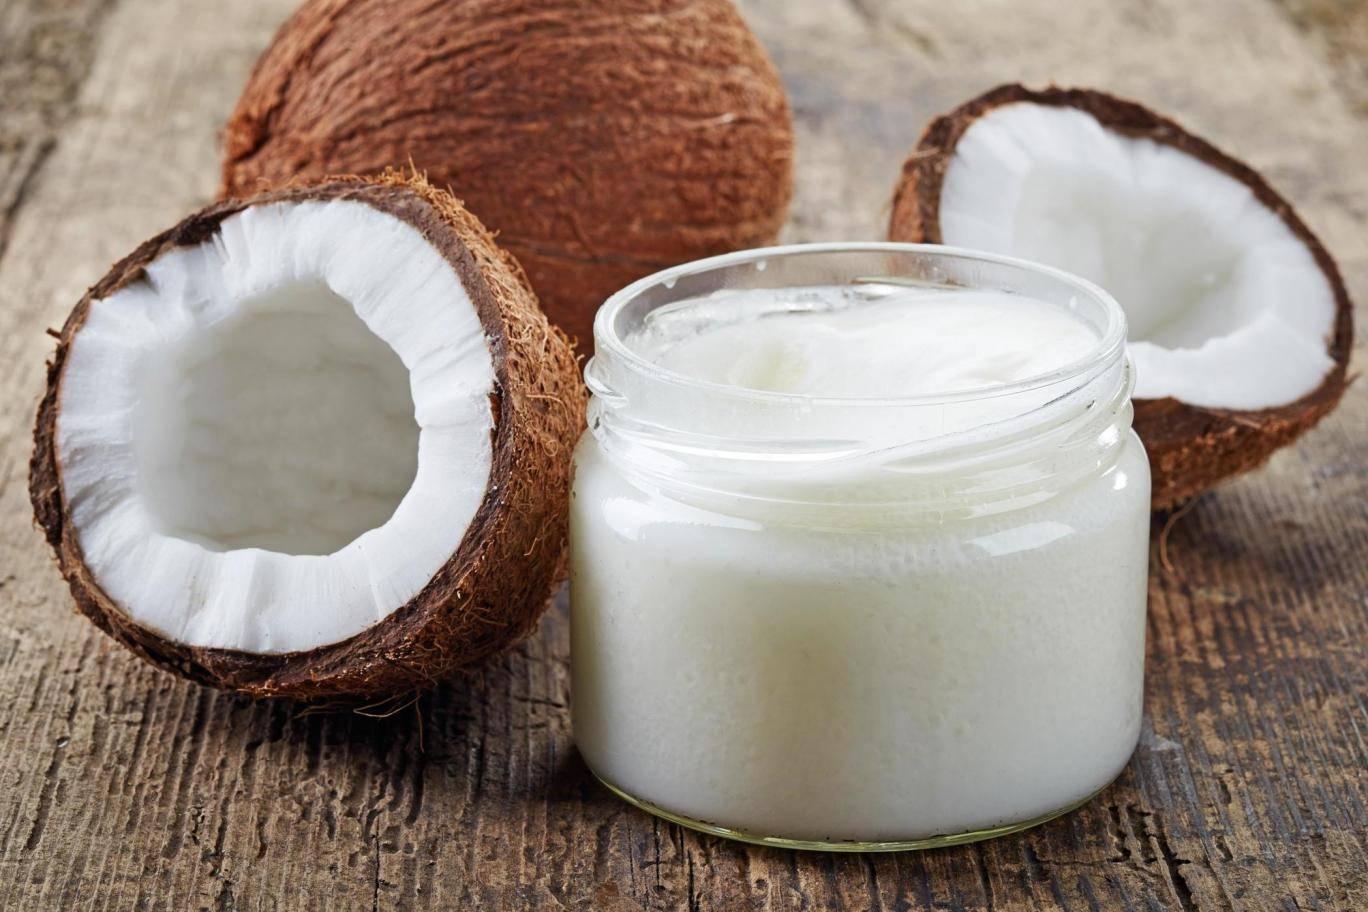 健康新福利 摄食椰子油或降低心脏病及中风风险